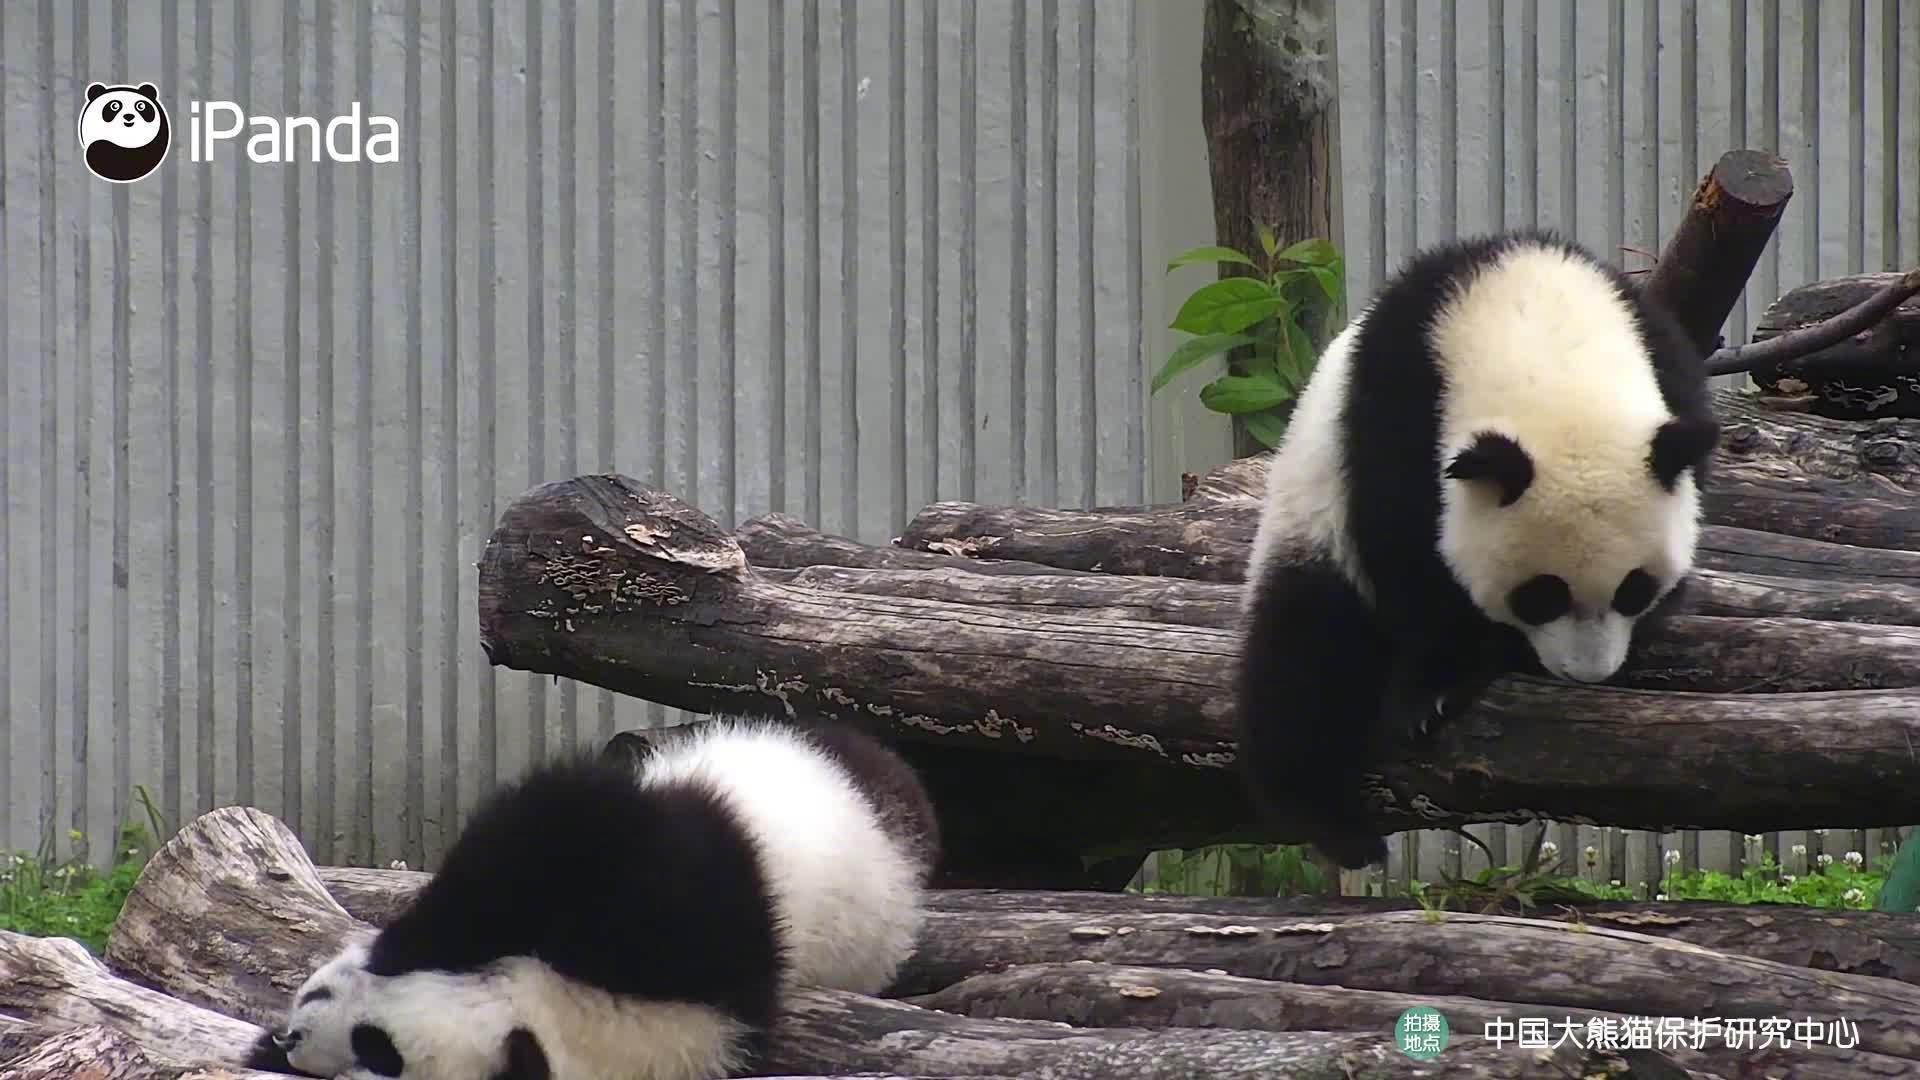 一只熊猫宝宝在木架上先挠痒,另一只熊猫宝宝看见后……